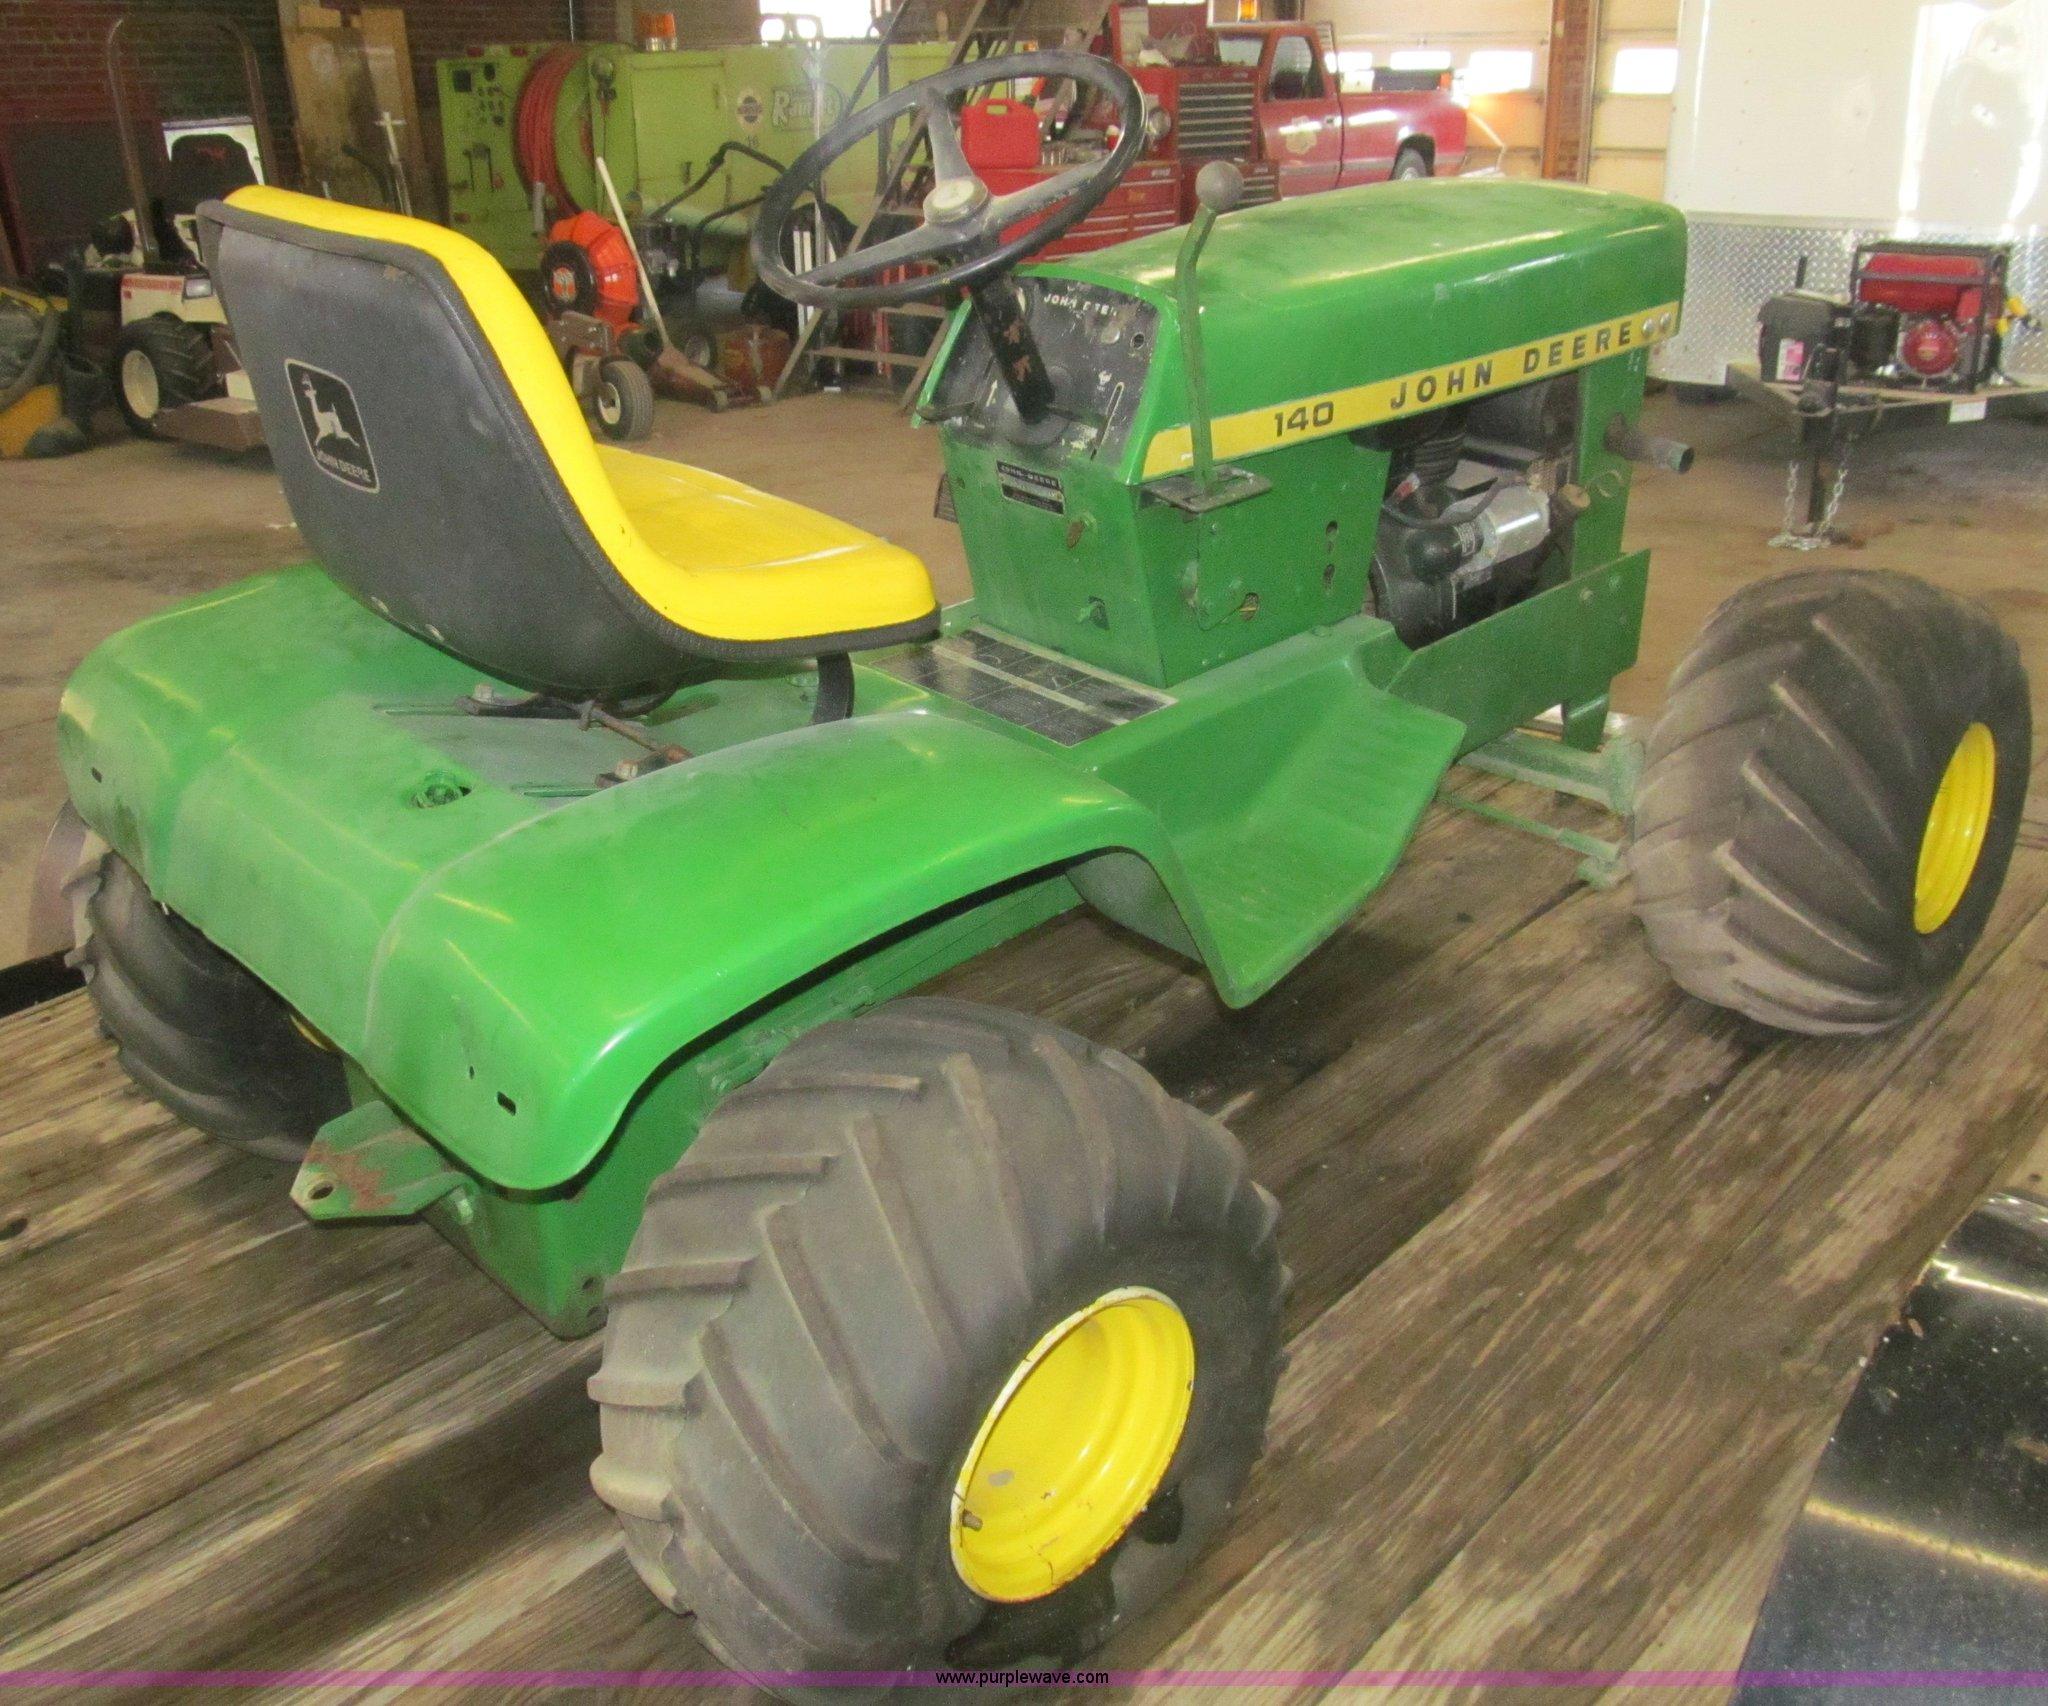 ... 1972 John Deere 140 lawn tractor Full size in new window ...